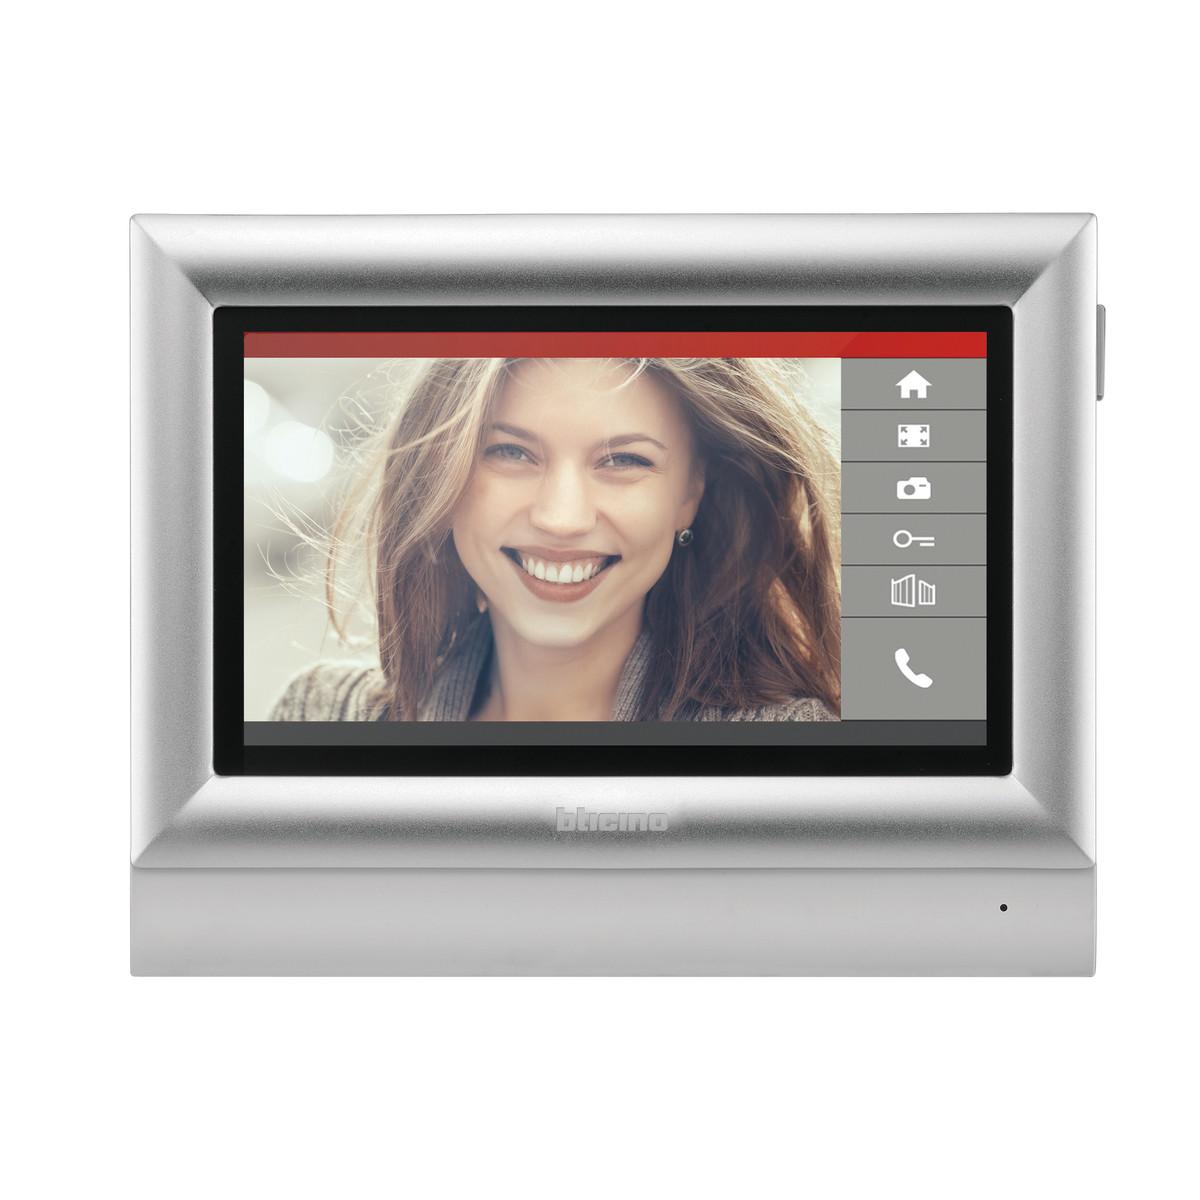 Videocitofono bticino 317213 prezzi e offerte online for Videocitofono bticino prezzi